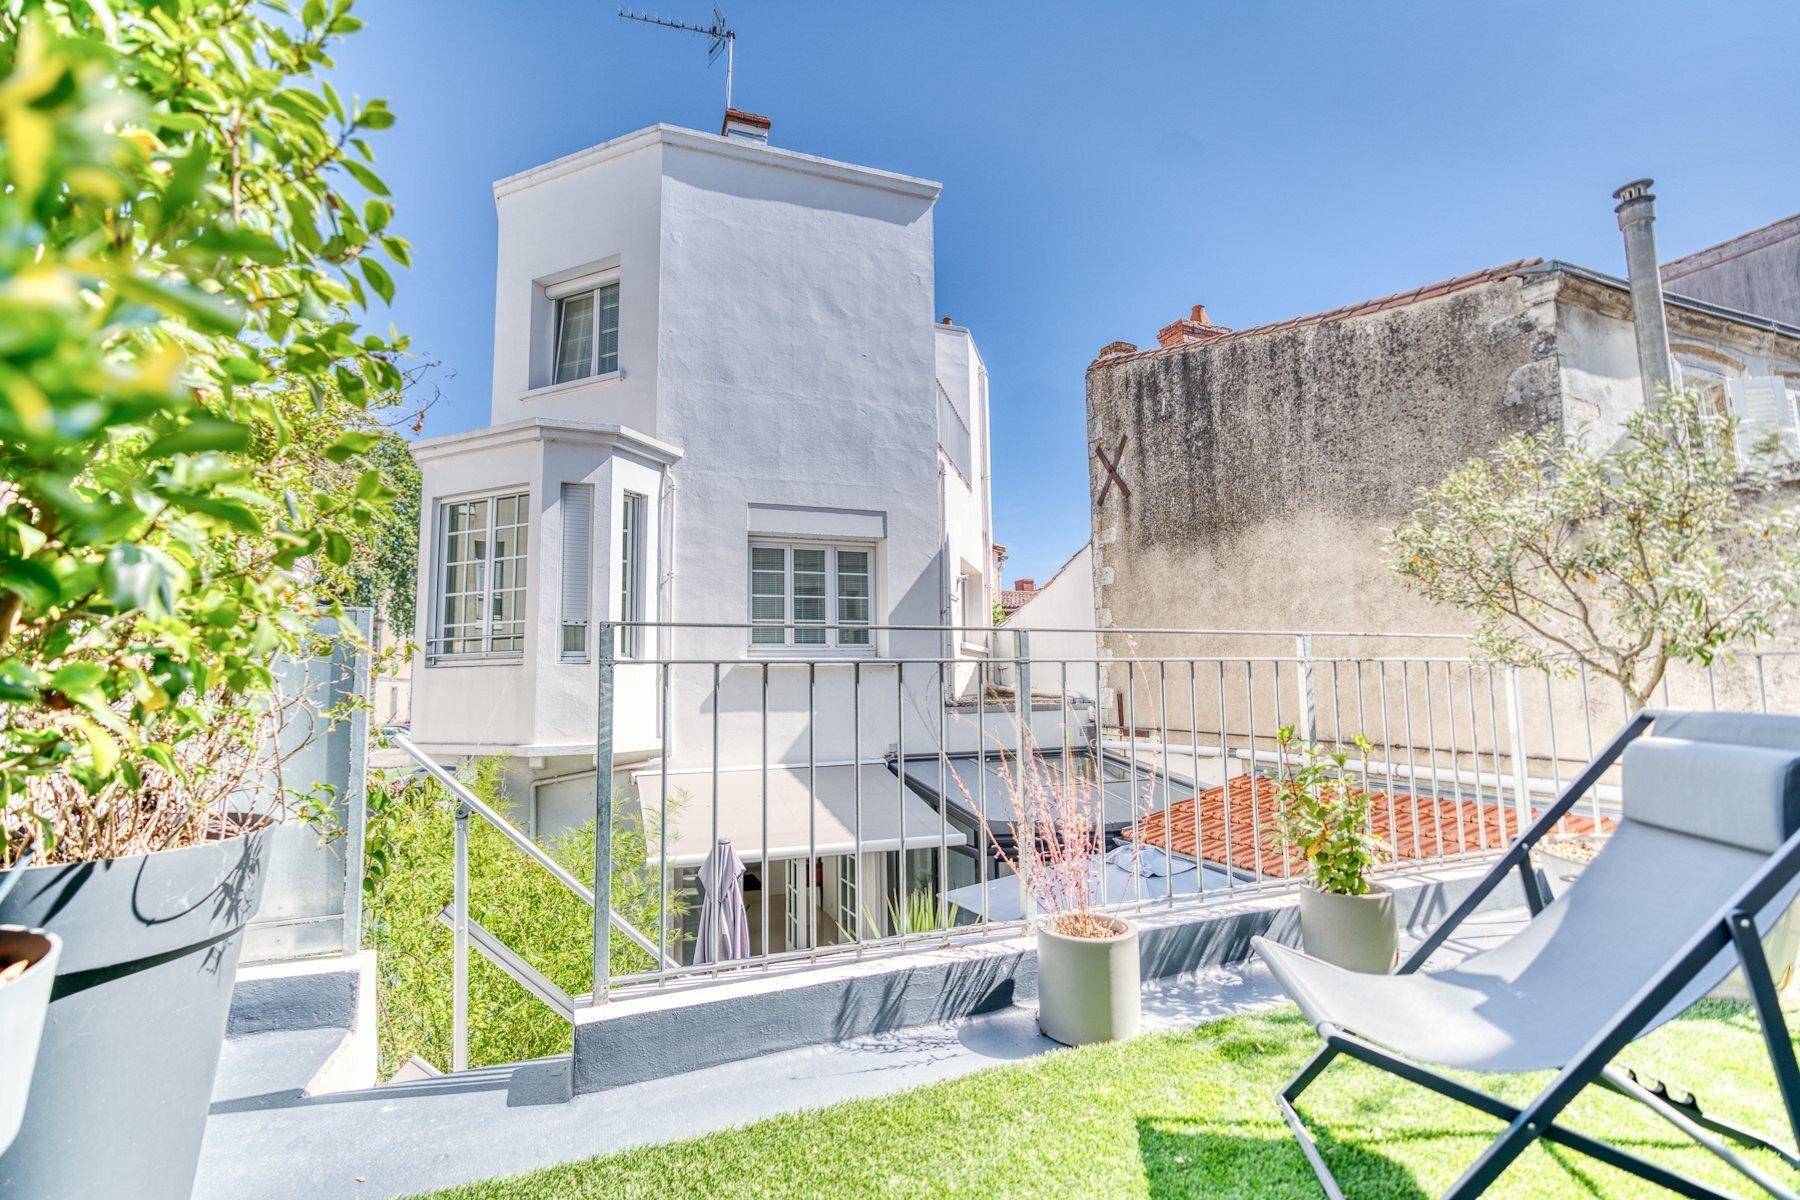 Apartment in La Rochelle, Nouvelle-Aquitaine, France 1 - 11050386